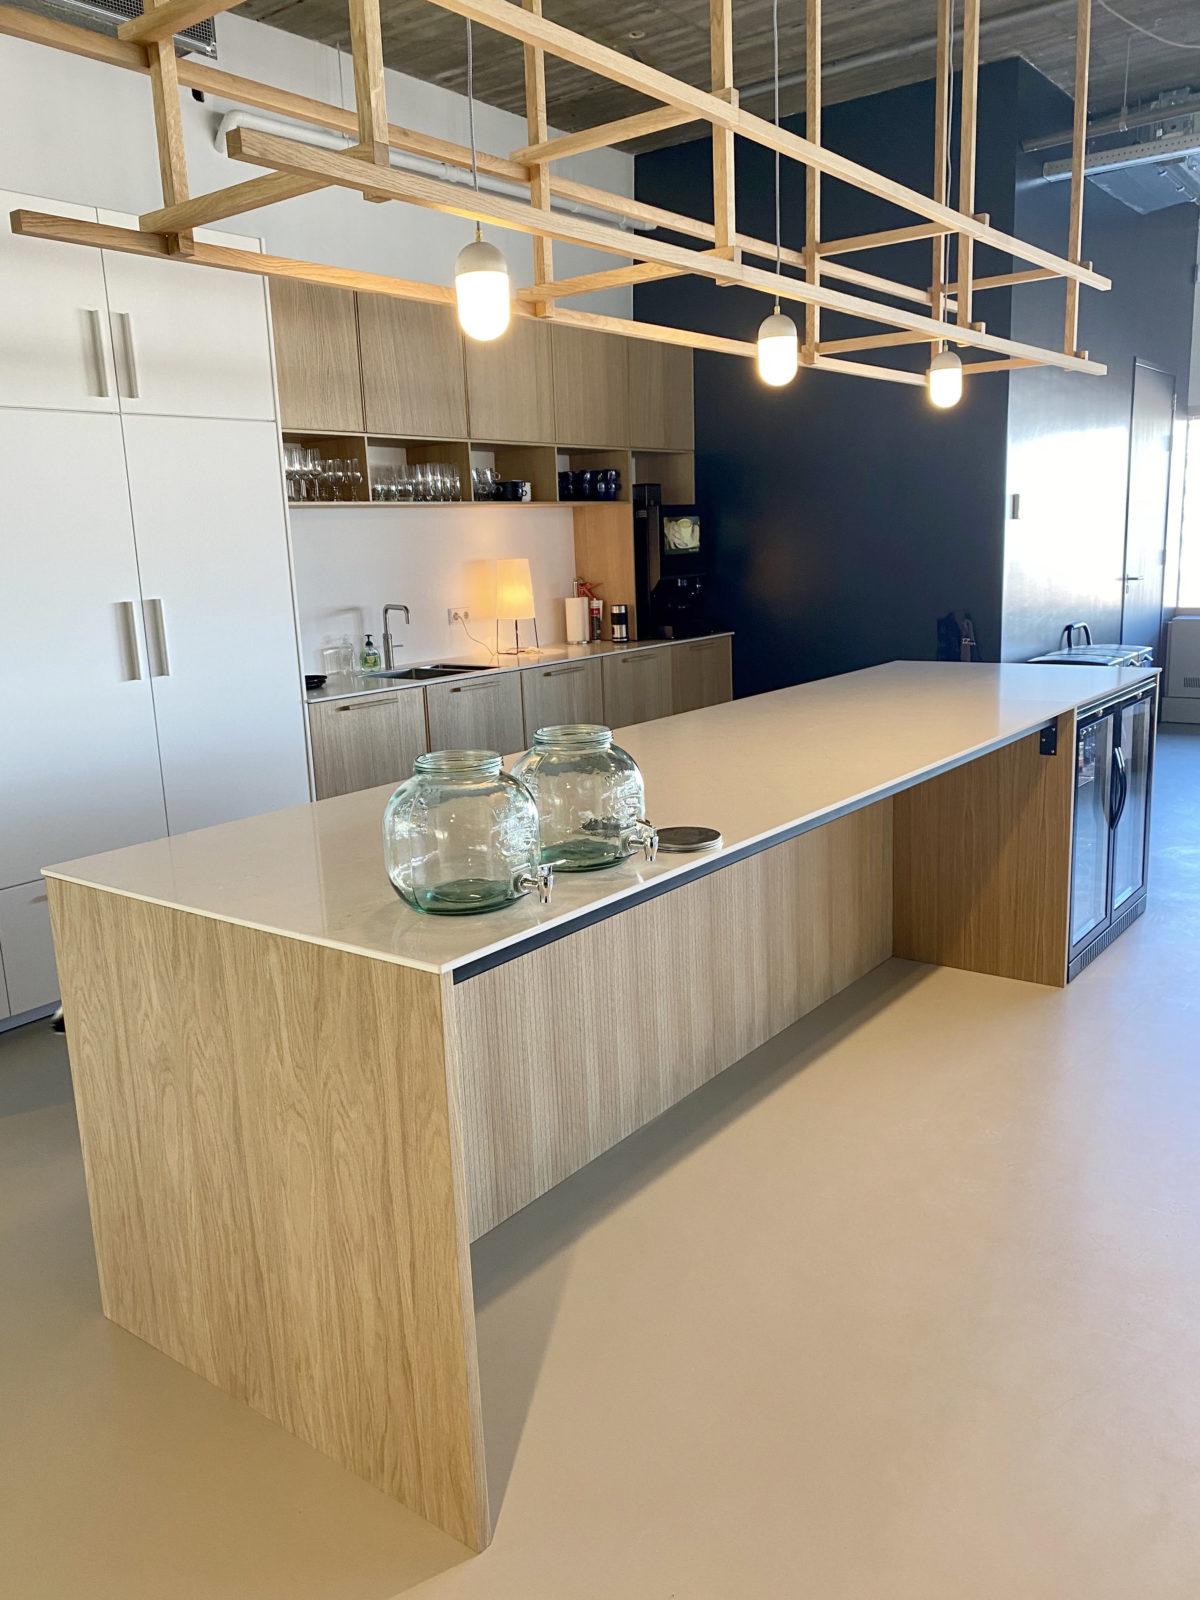 Keukenblok en lampenframe